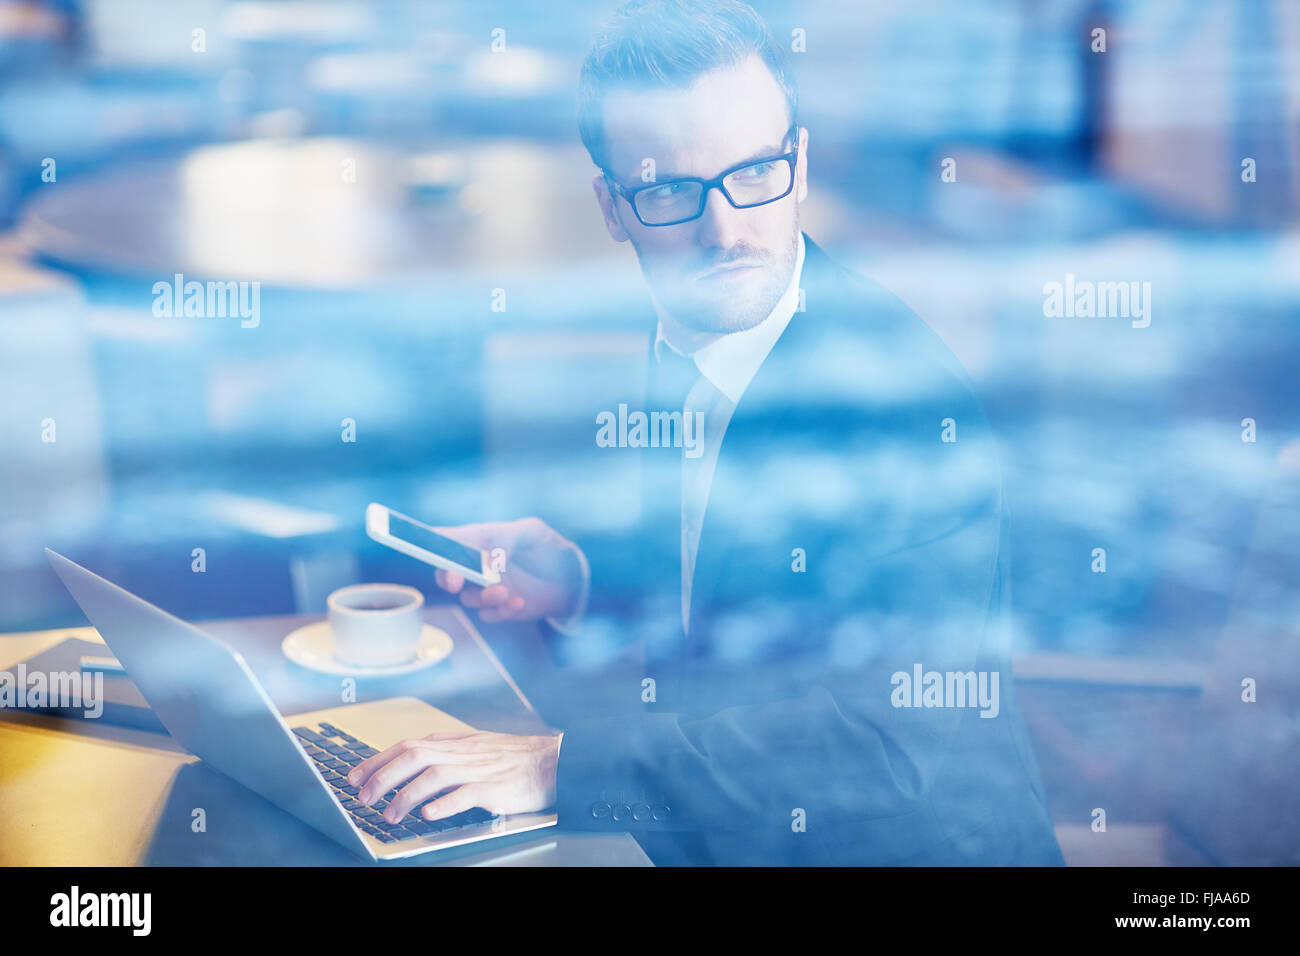 Ernsthafte Mitarbeiter mit Handy tippen auf laptop Stockbild